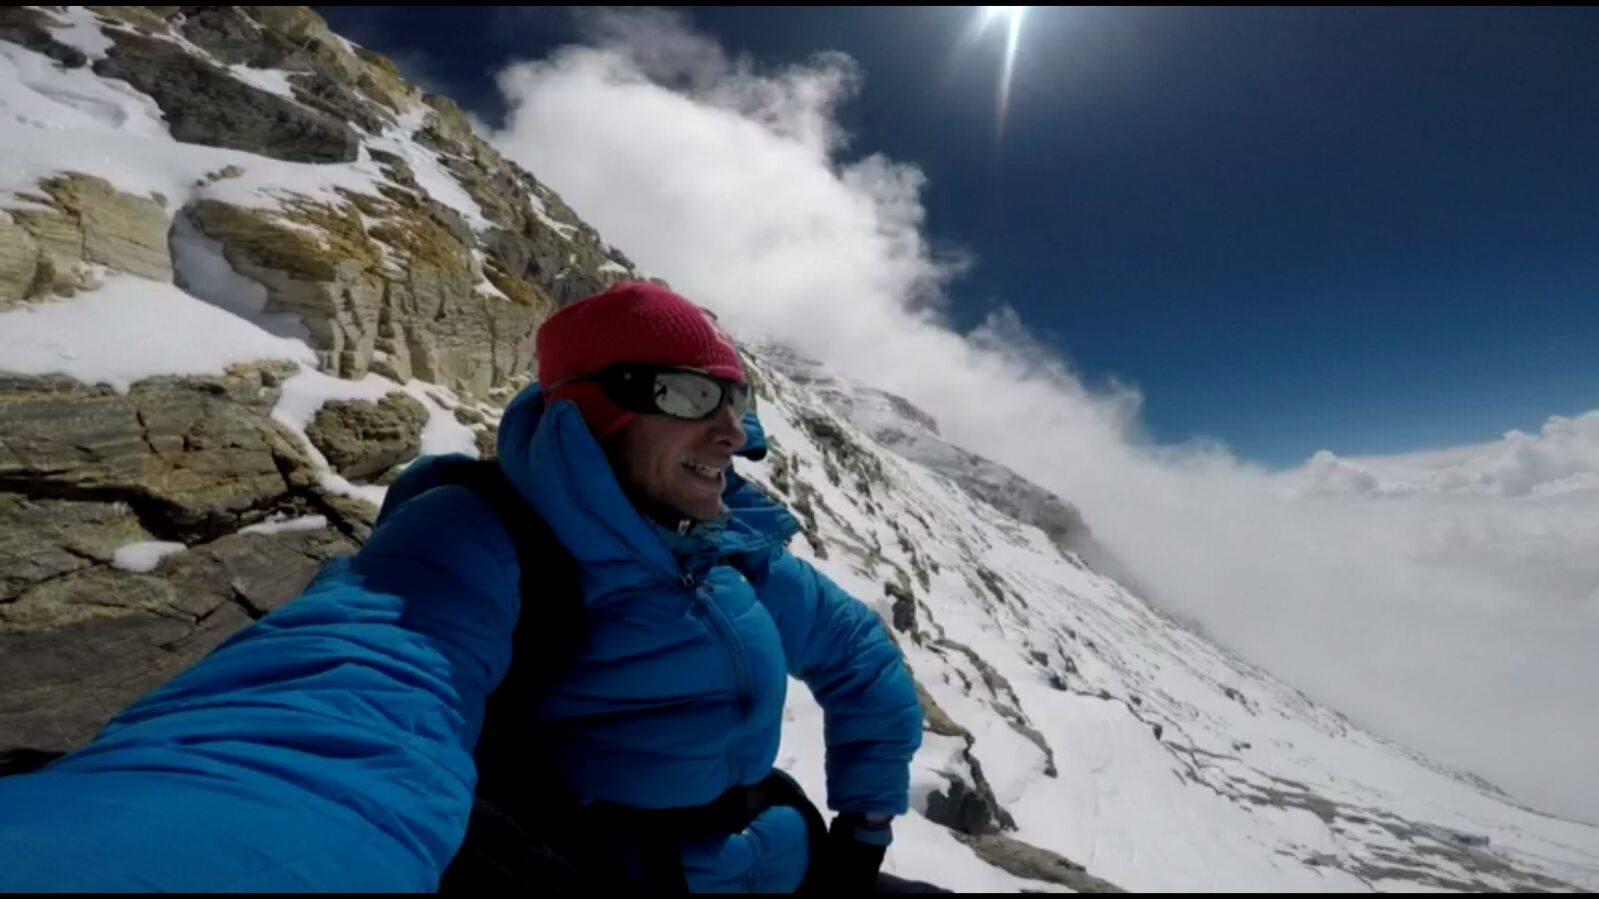 Expresky z hôr 62 - Kilianova aklimatizácia, zdroj: FB page Kilian Jornet